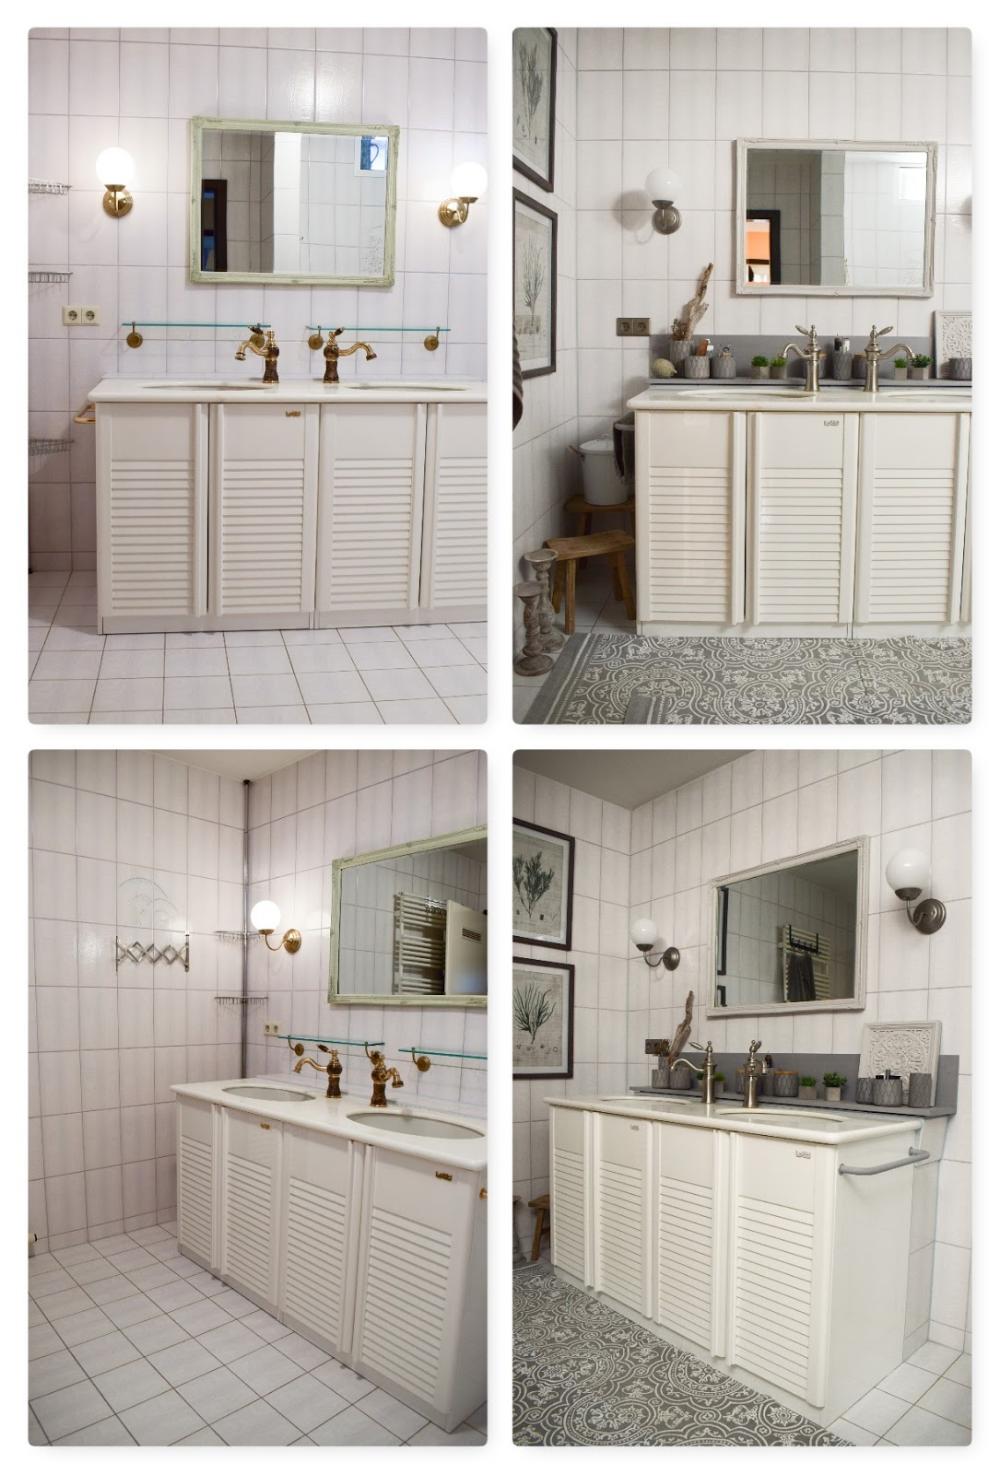 Badezimmer Ideen Deko Bad Renovierung Selber Machen Dekoideen Fur Ein Stilvolles Badezimmer Einrichten Aufwerten Badezimmer Alte Fliesen Duschvorhang Stangen